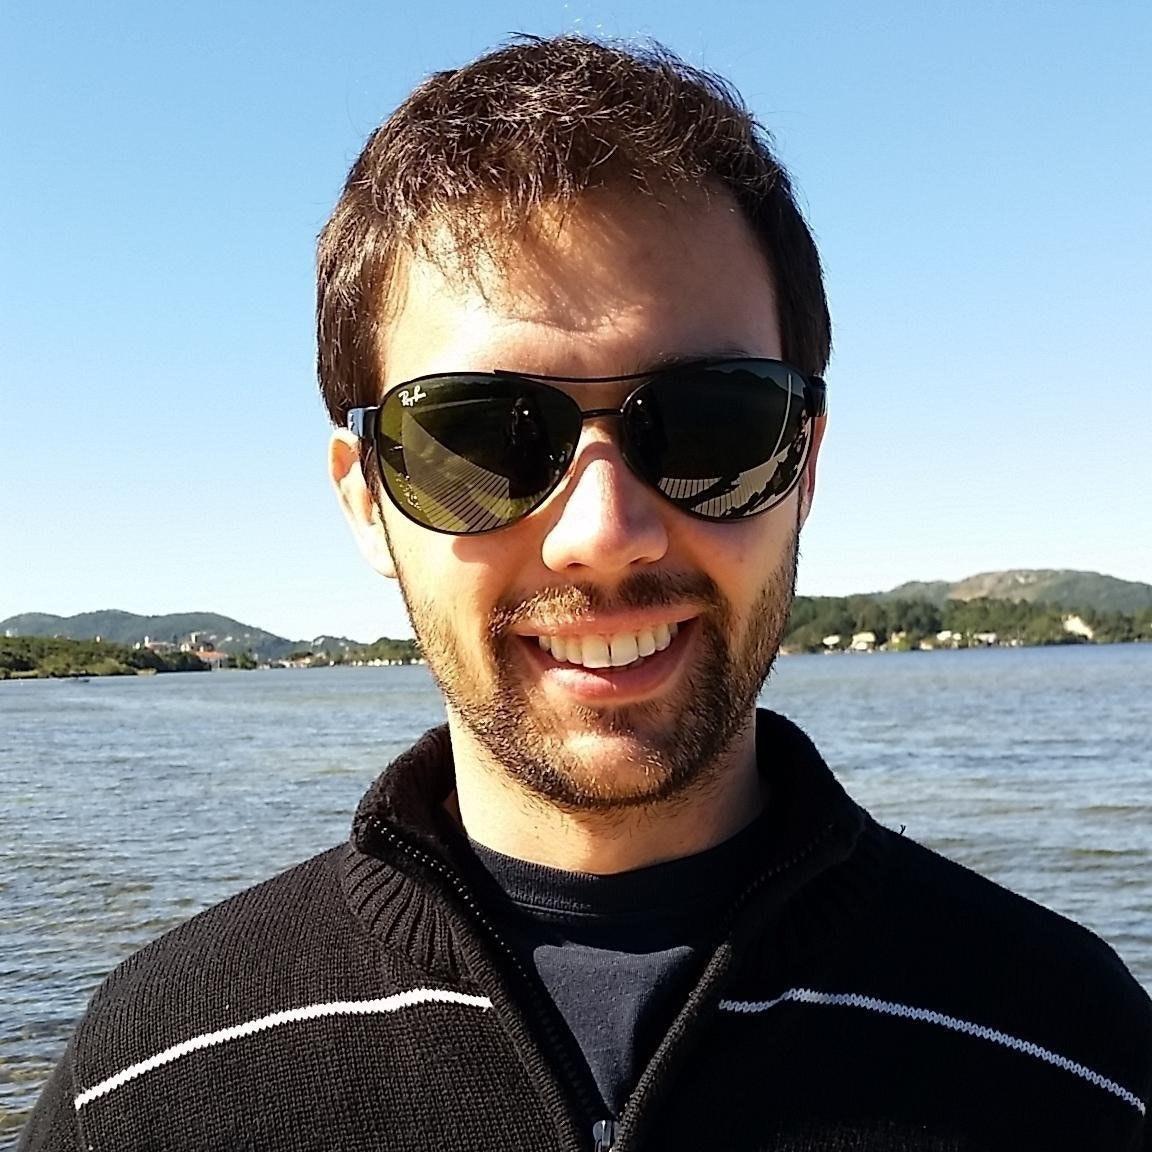 Leandro Bortolotto